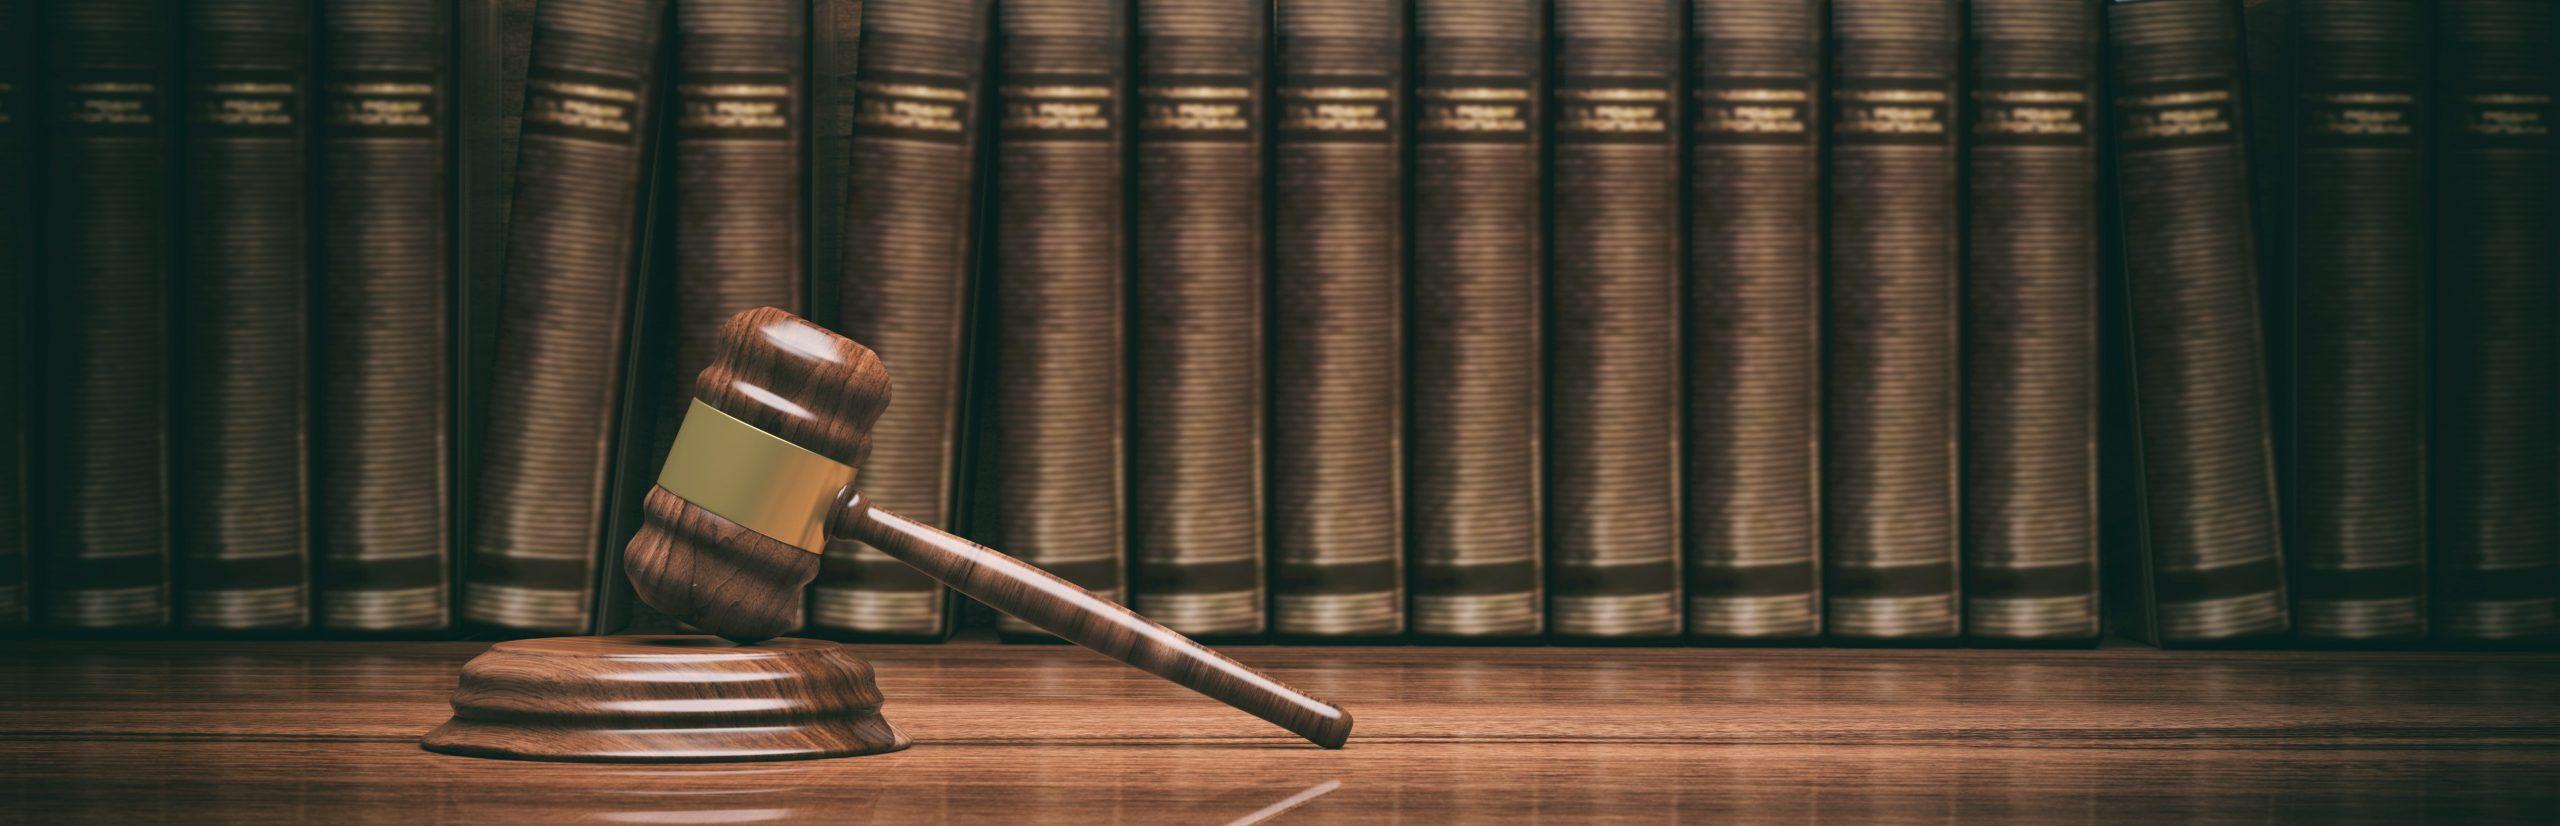 Как привлечь клиентов адвокату | Kyivstar Business Hub image №1